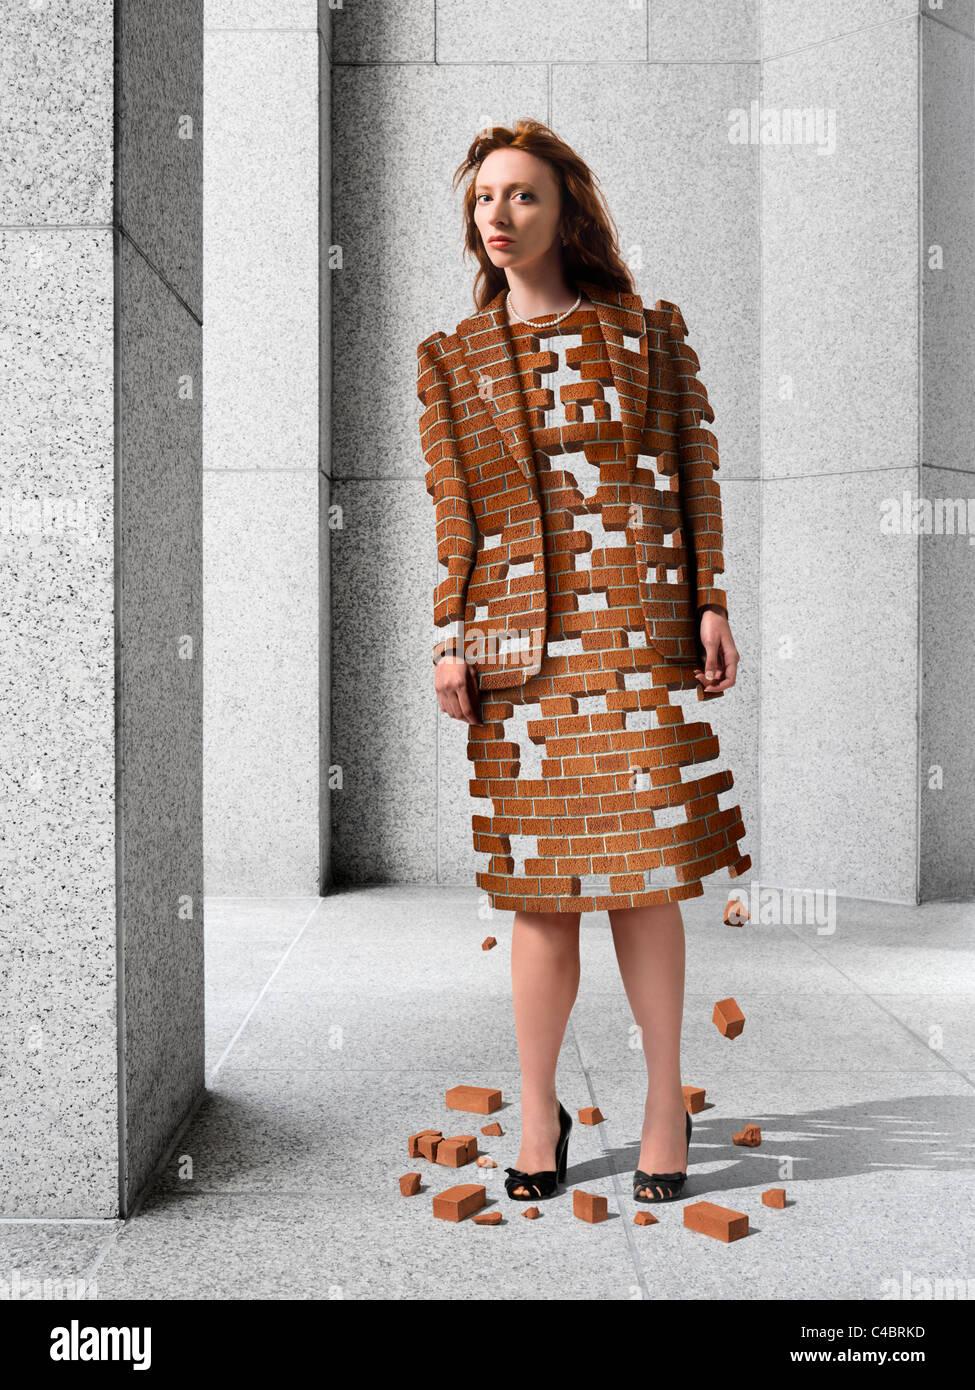 Frau machte der Ziegel, die auseinander brechen, stehend in Platz im Freien mit Granitsäulen Stockbild